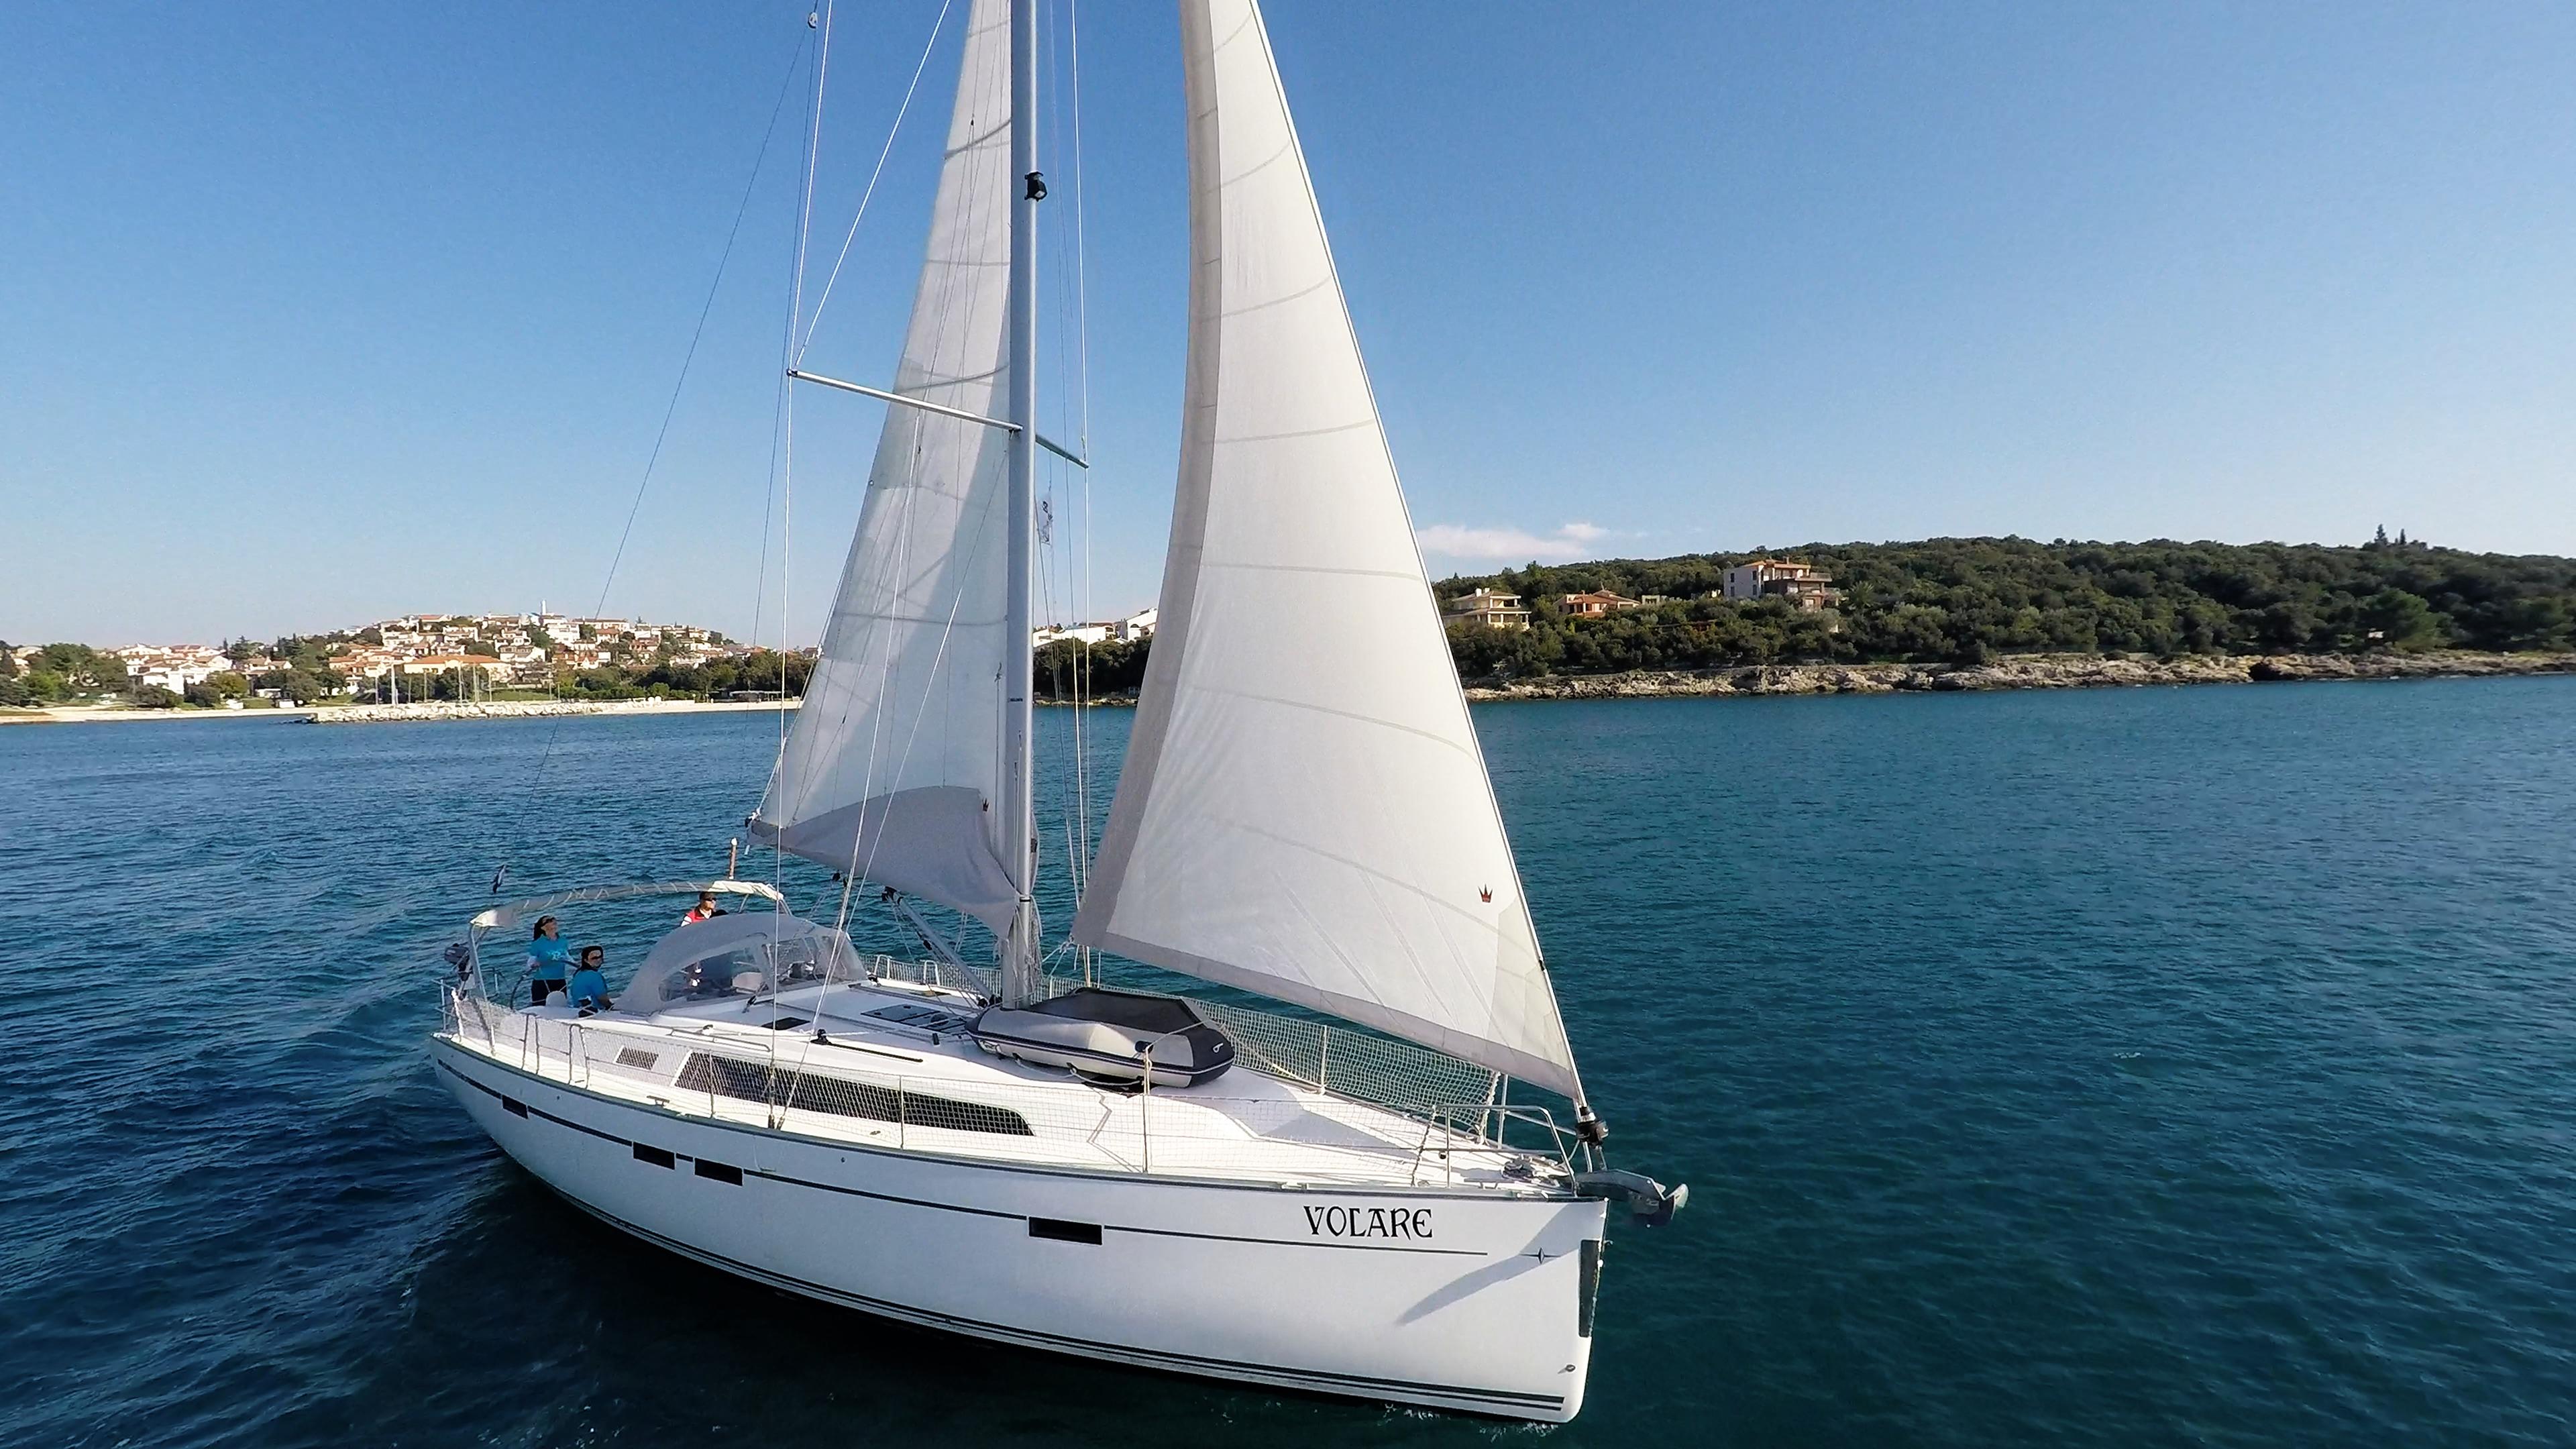 Segelyacht bavaria 46 cruiser Segelyacht Bucht Kroatien